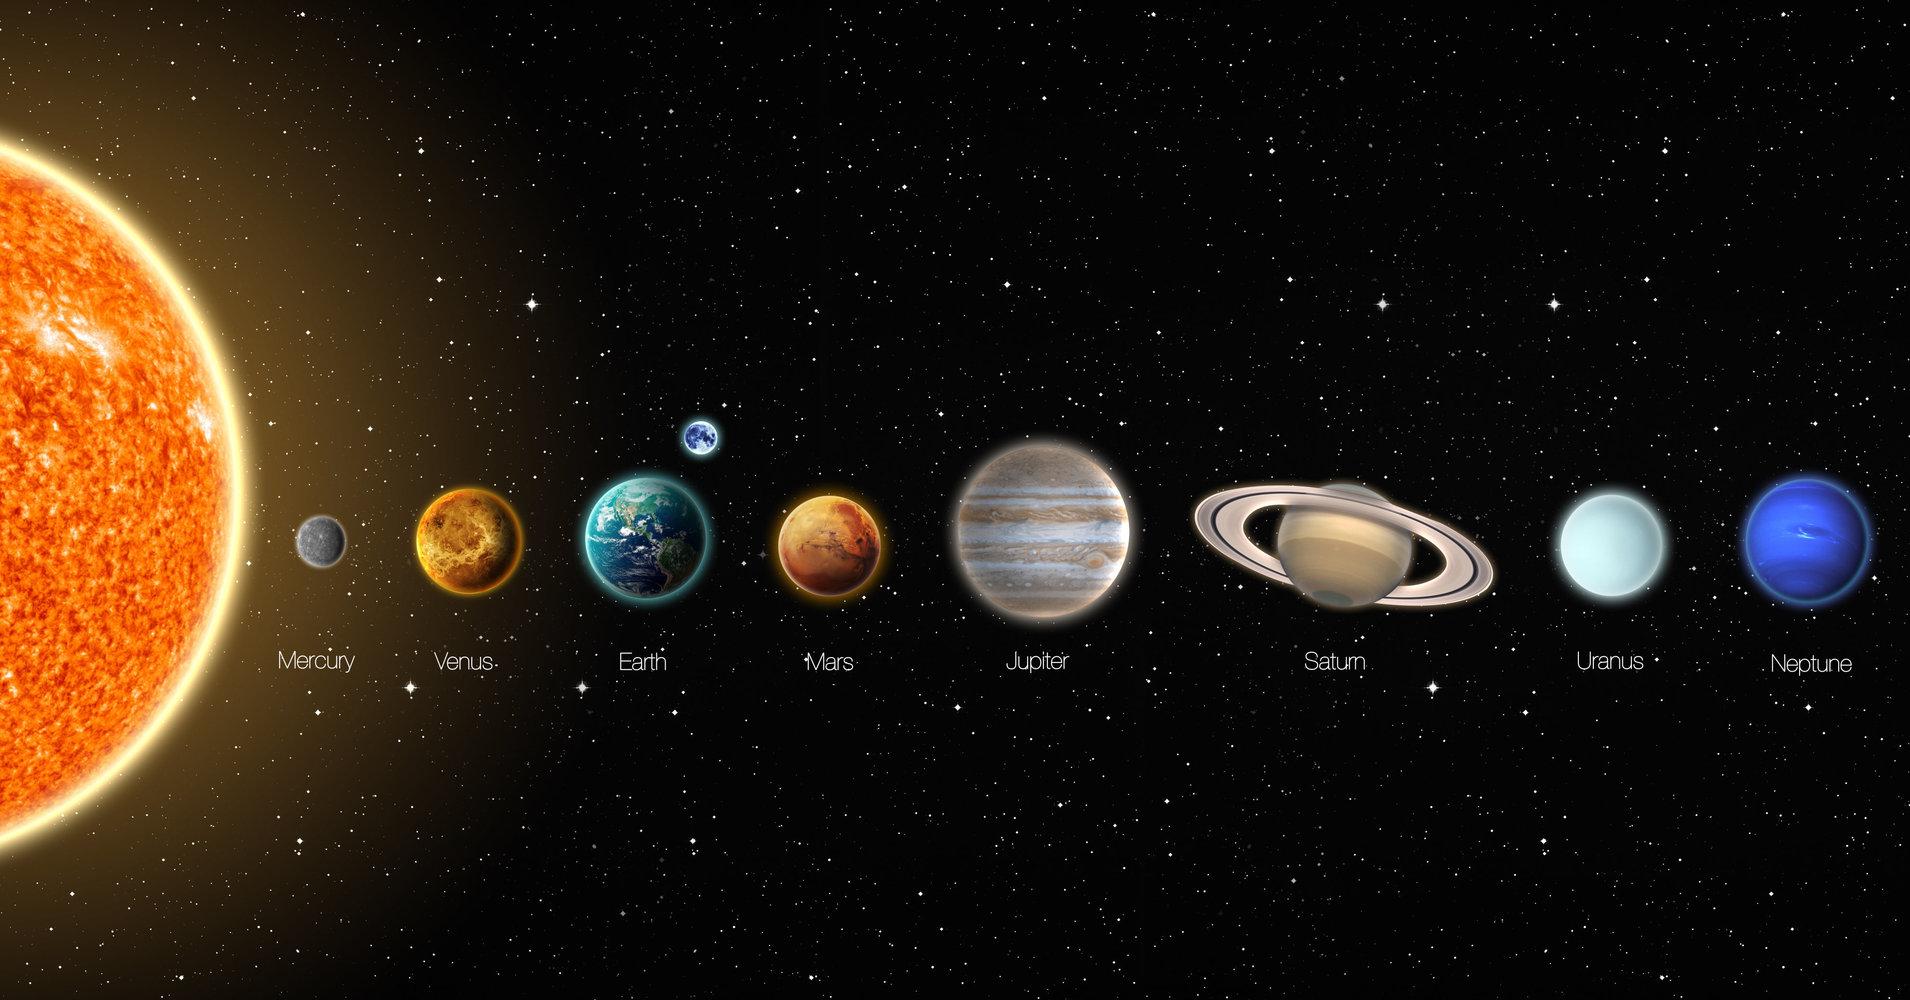 Картинки и названия планет